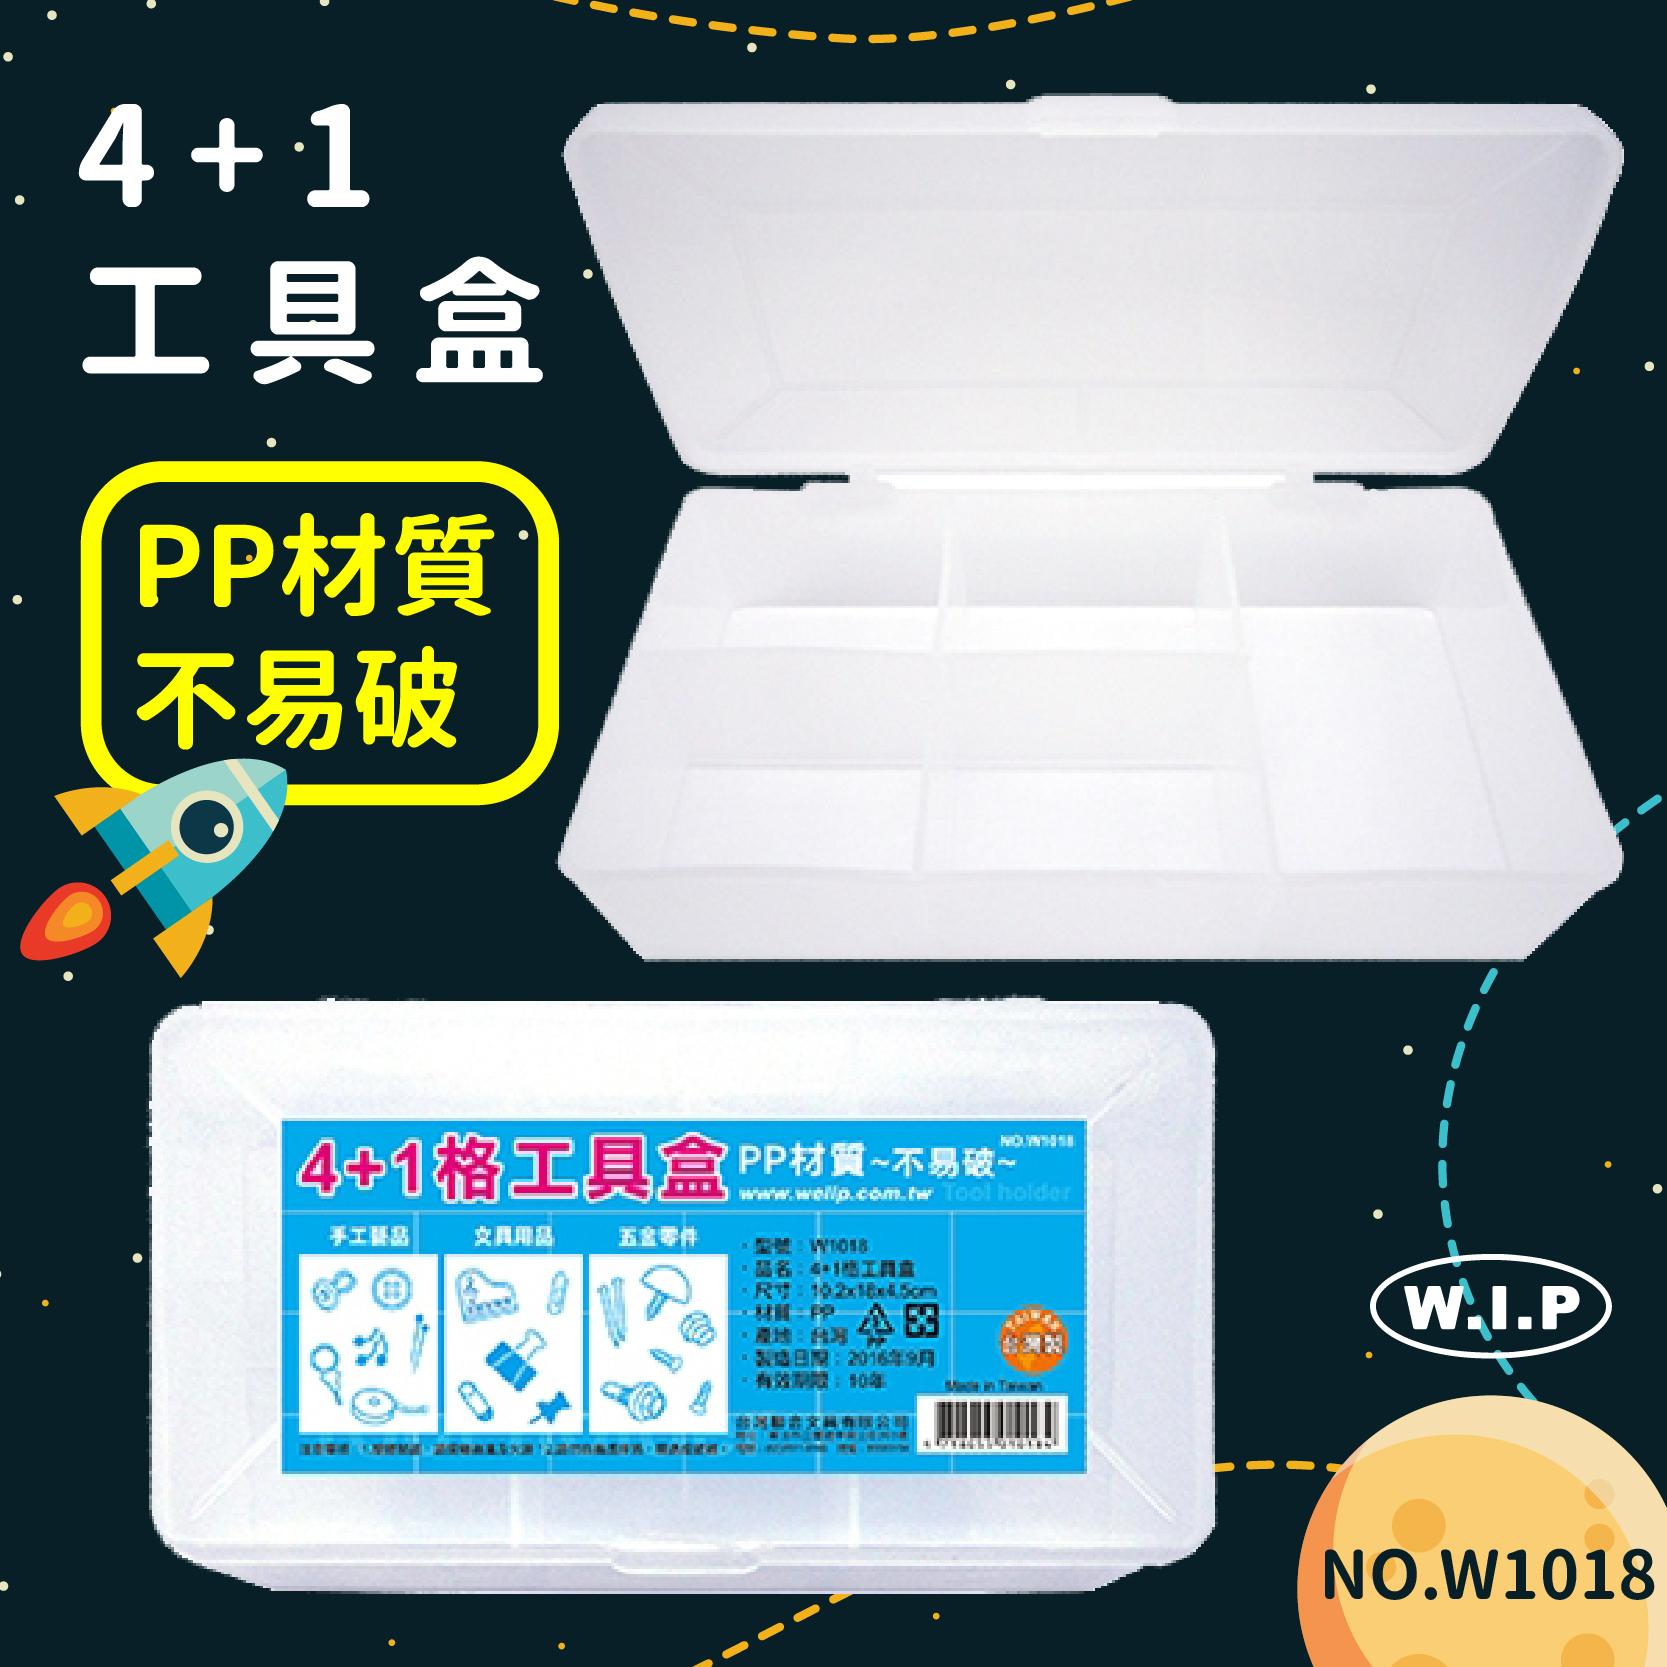 《量販10》台灣品質保證【韋億】NO.W1018 4+1工具盒 文書盒 收納盒 小物盒 資料盒 便利盒 老師的好幫手